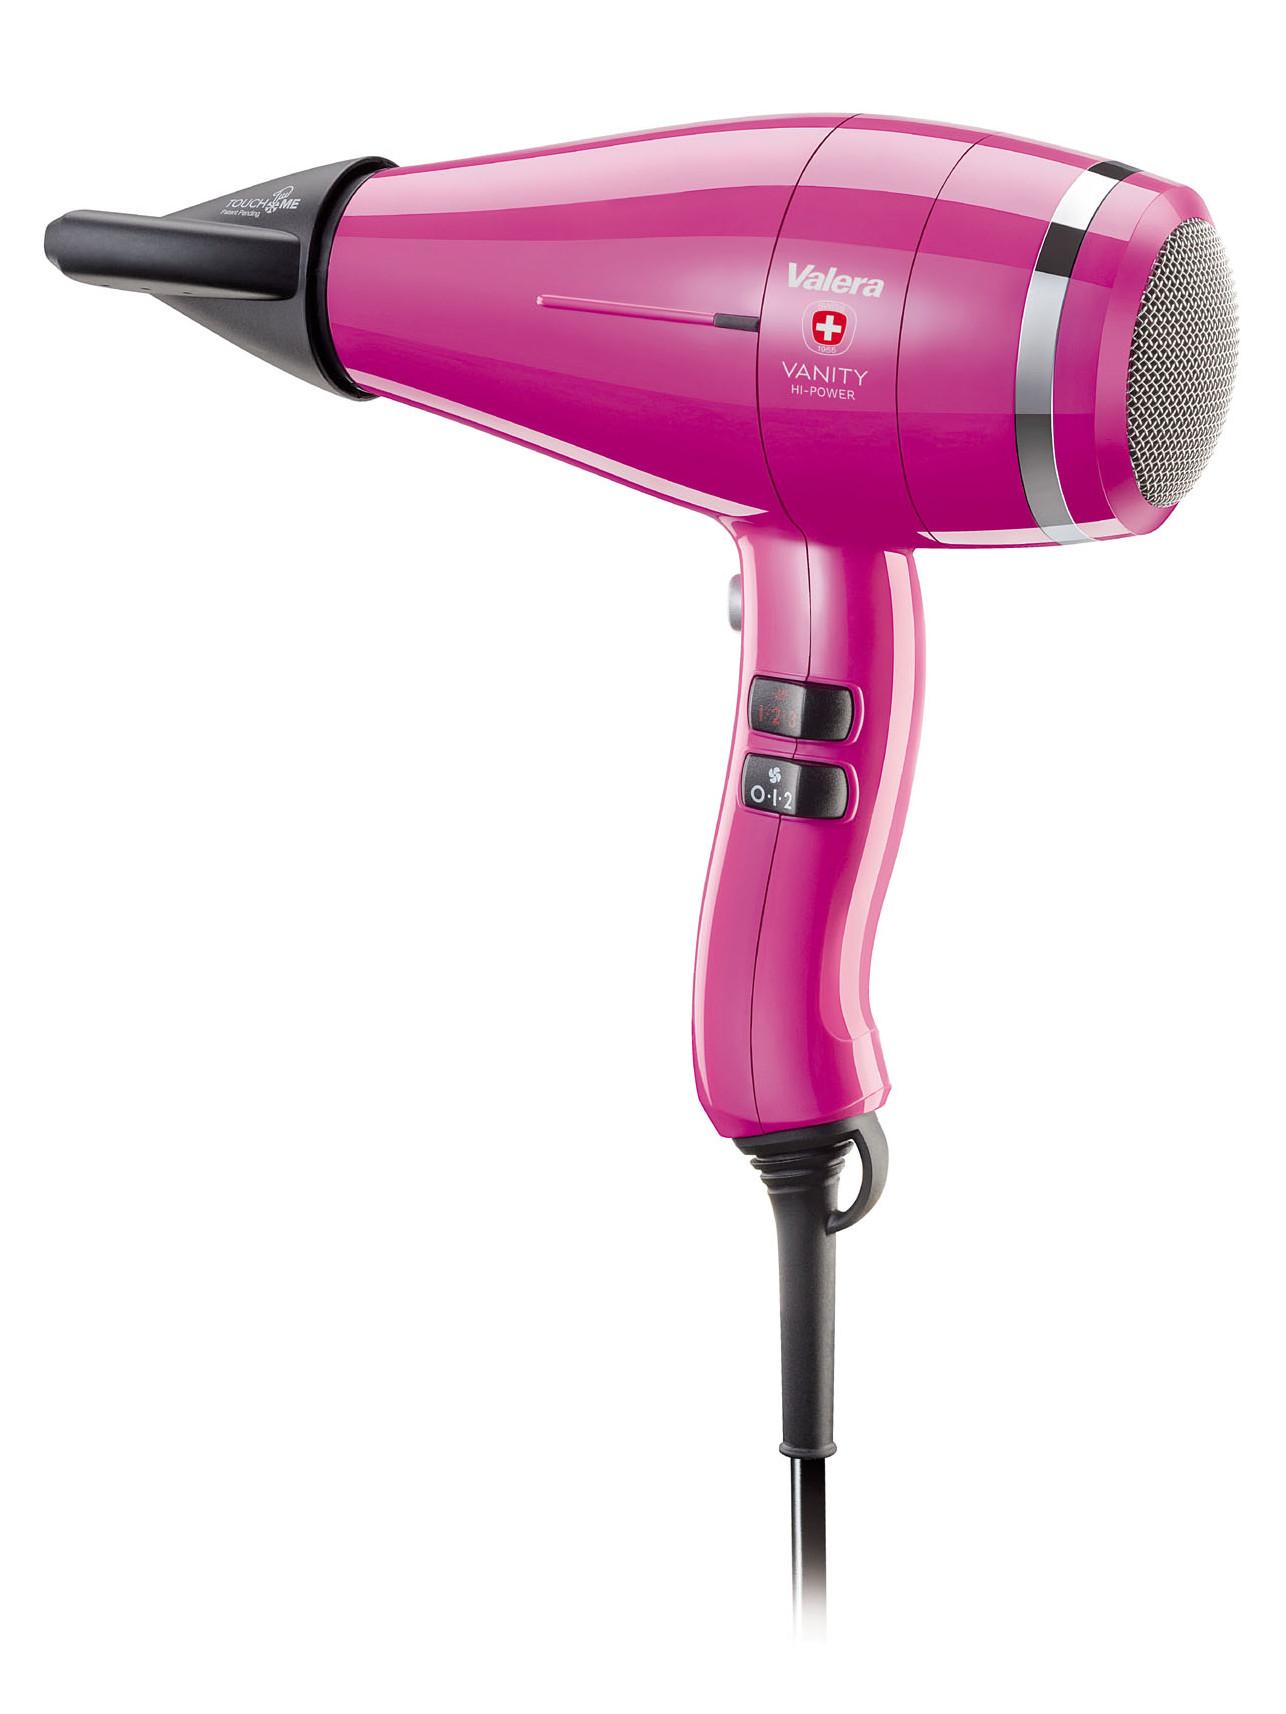 Profesionální fén Valera Vanity Hi-Power Hot Pink - 2400 W, růžový (VA8605RCHP) + DÁREK ZDARMA